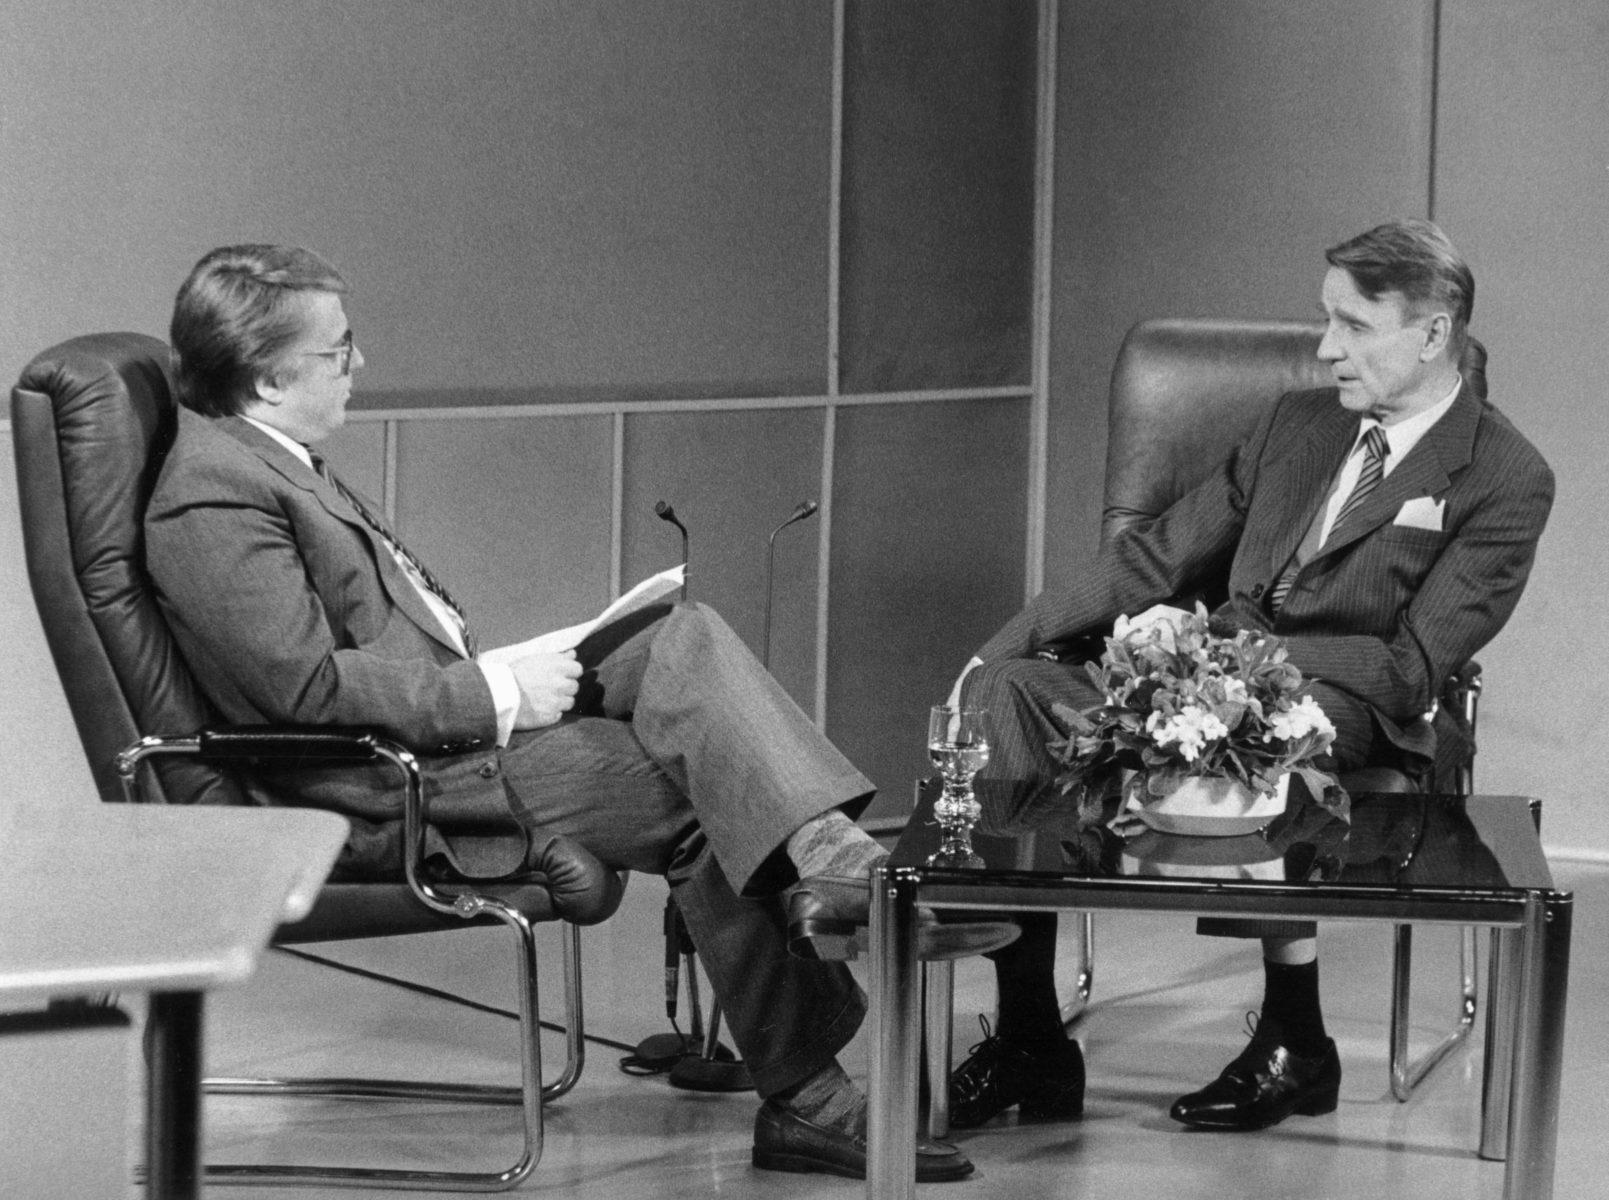 Pekka Hyvärinen haastatteli tasavallan presidentti Mauno Koivistoa MTV:n Sunnuntairaporttiin 1985. Samana vuonna hänet houkuteltiin Suomen Kuvalehden päätoimittajaksi.